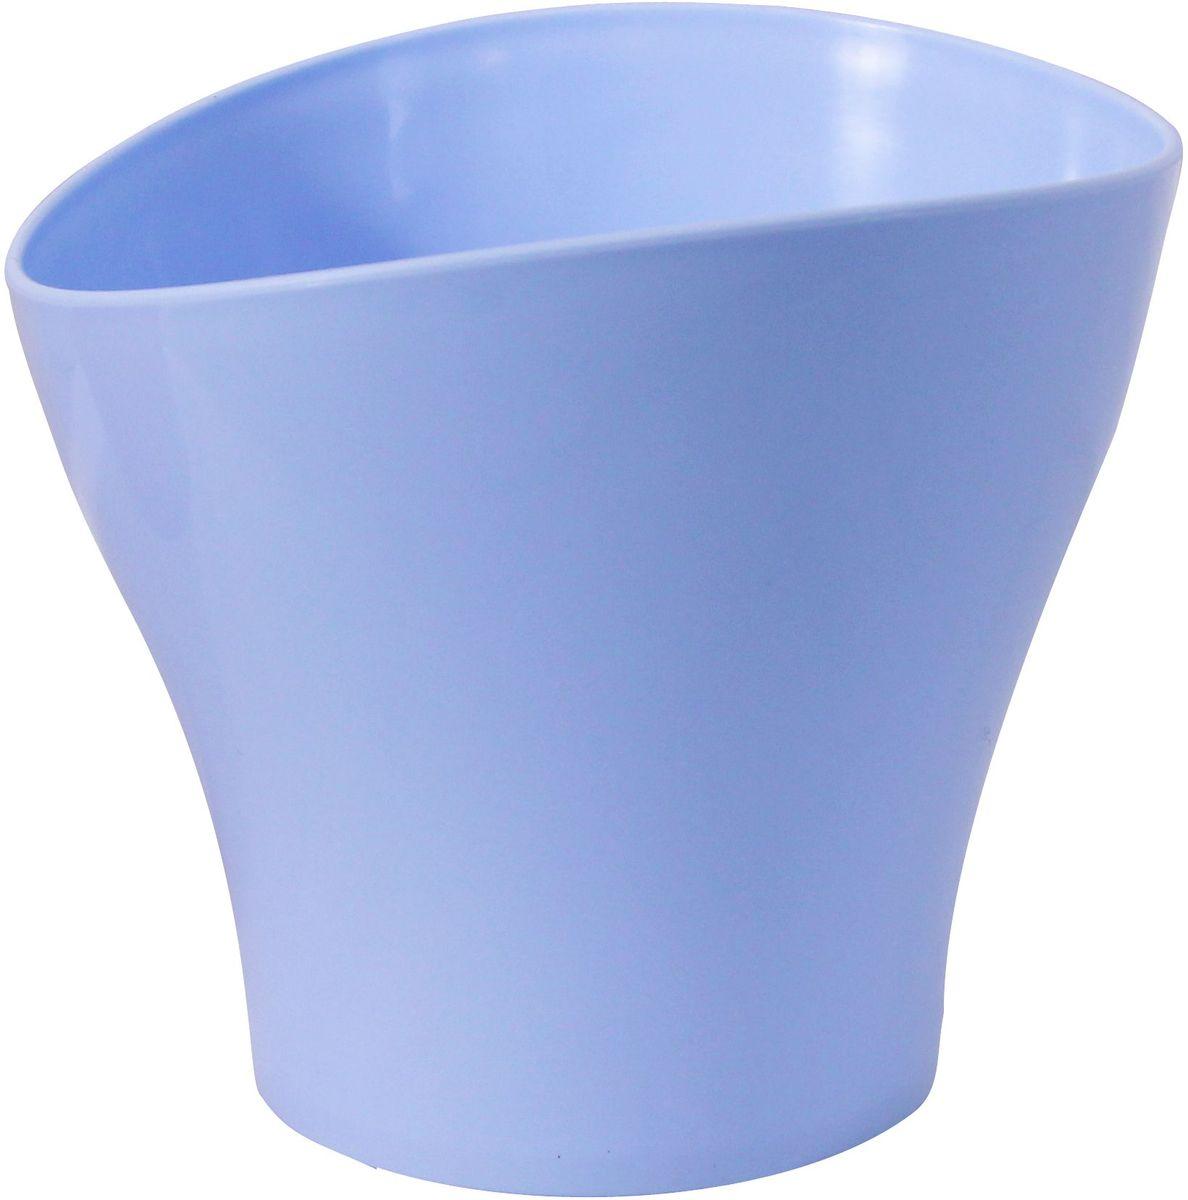 Кашпо Idea Волна, цвет: голубой, 1,6 л531-324Кашпо Idea Волна изготовлено из прочного полипропилена (пластика) и предназначено для выращивания растений, цветов и трав в домашних условиях. Такое кашпо порадует вас функциональностью, а благодаря лаконичному дизайну впишется в любой интерьер помещения. Объем кашпо: 1,6 л.